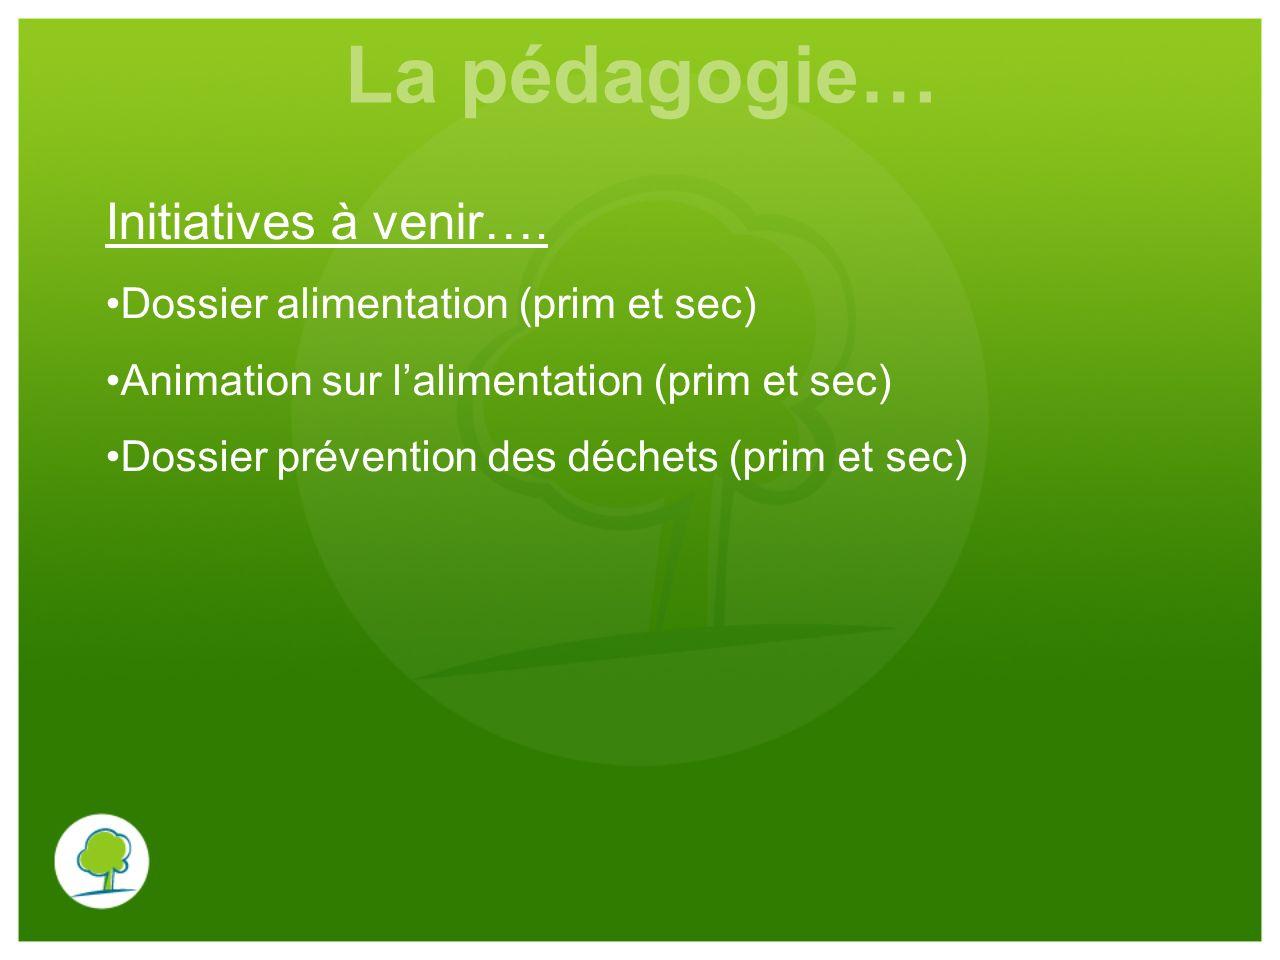 La pédagogie… Initiatives à venir…. Dossier alimentation (prim et sec)